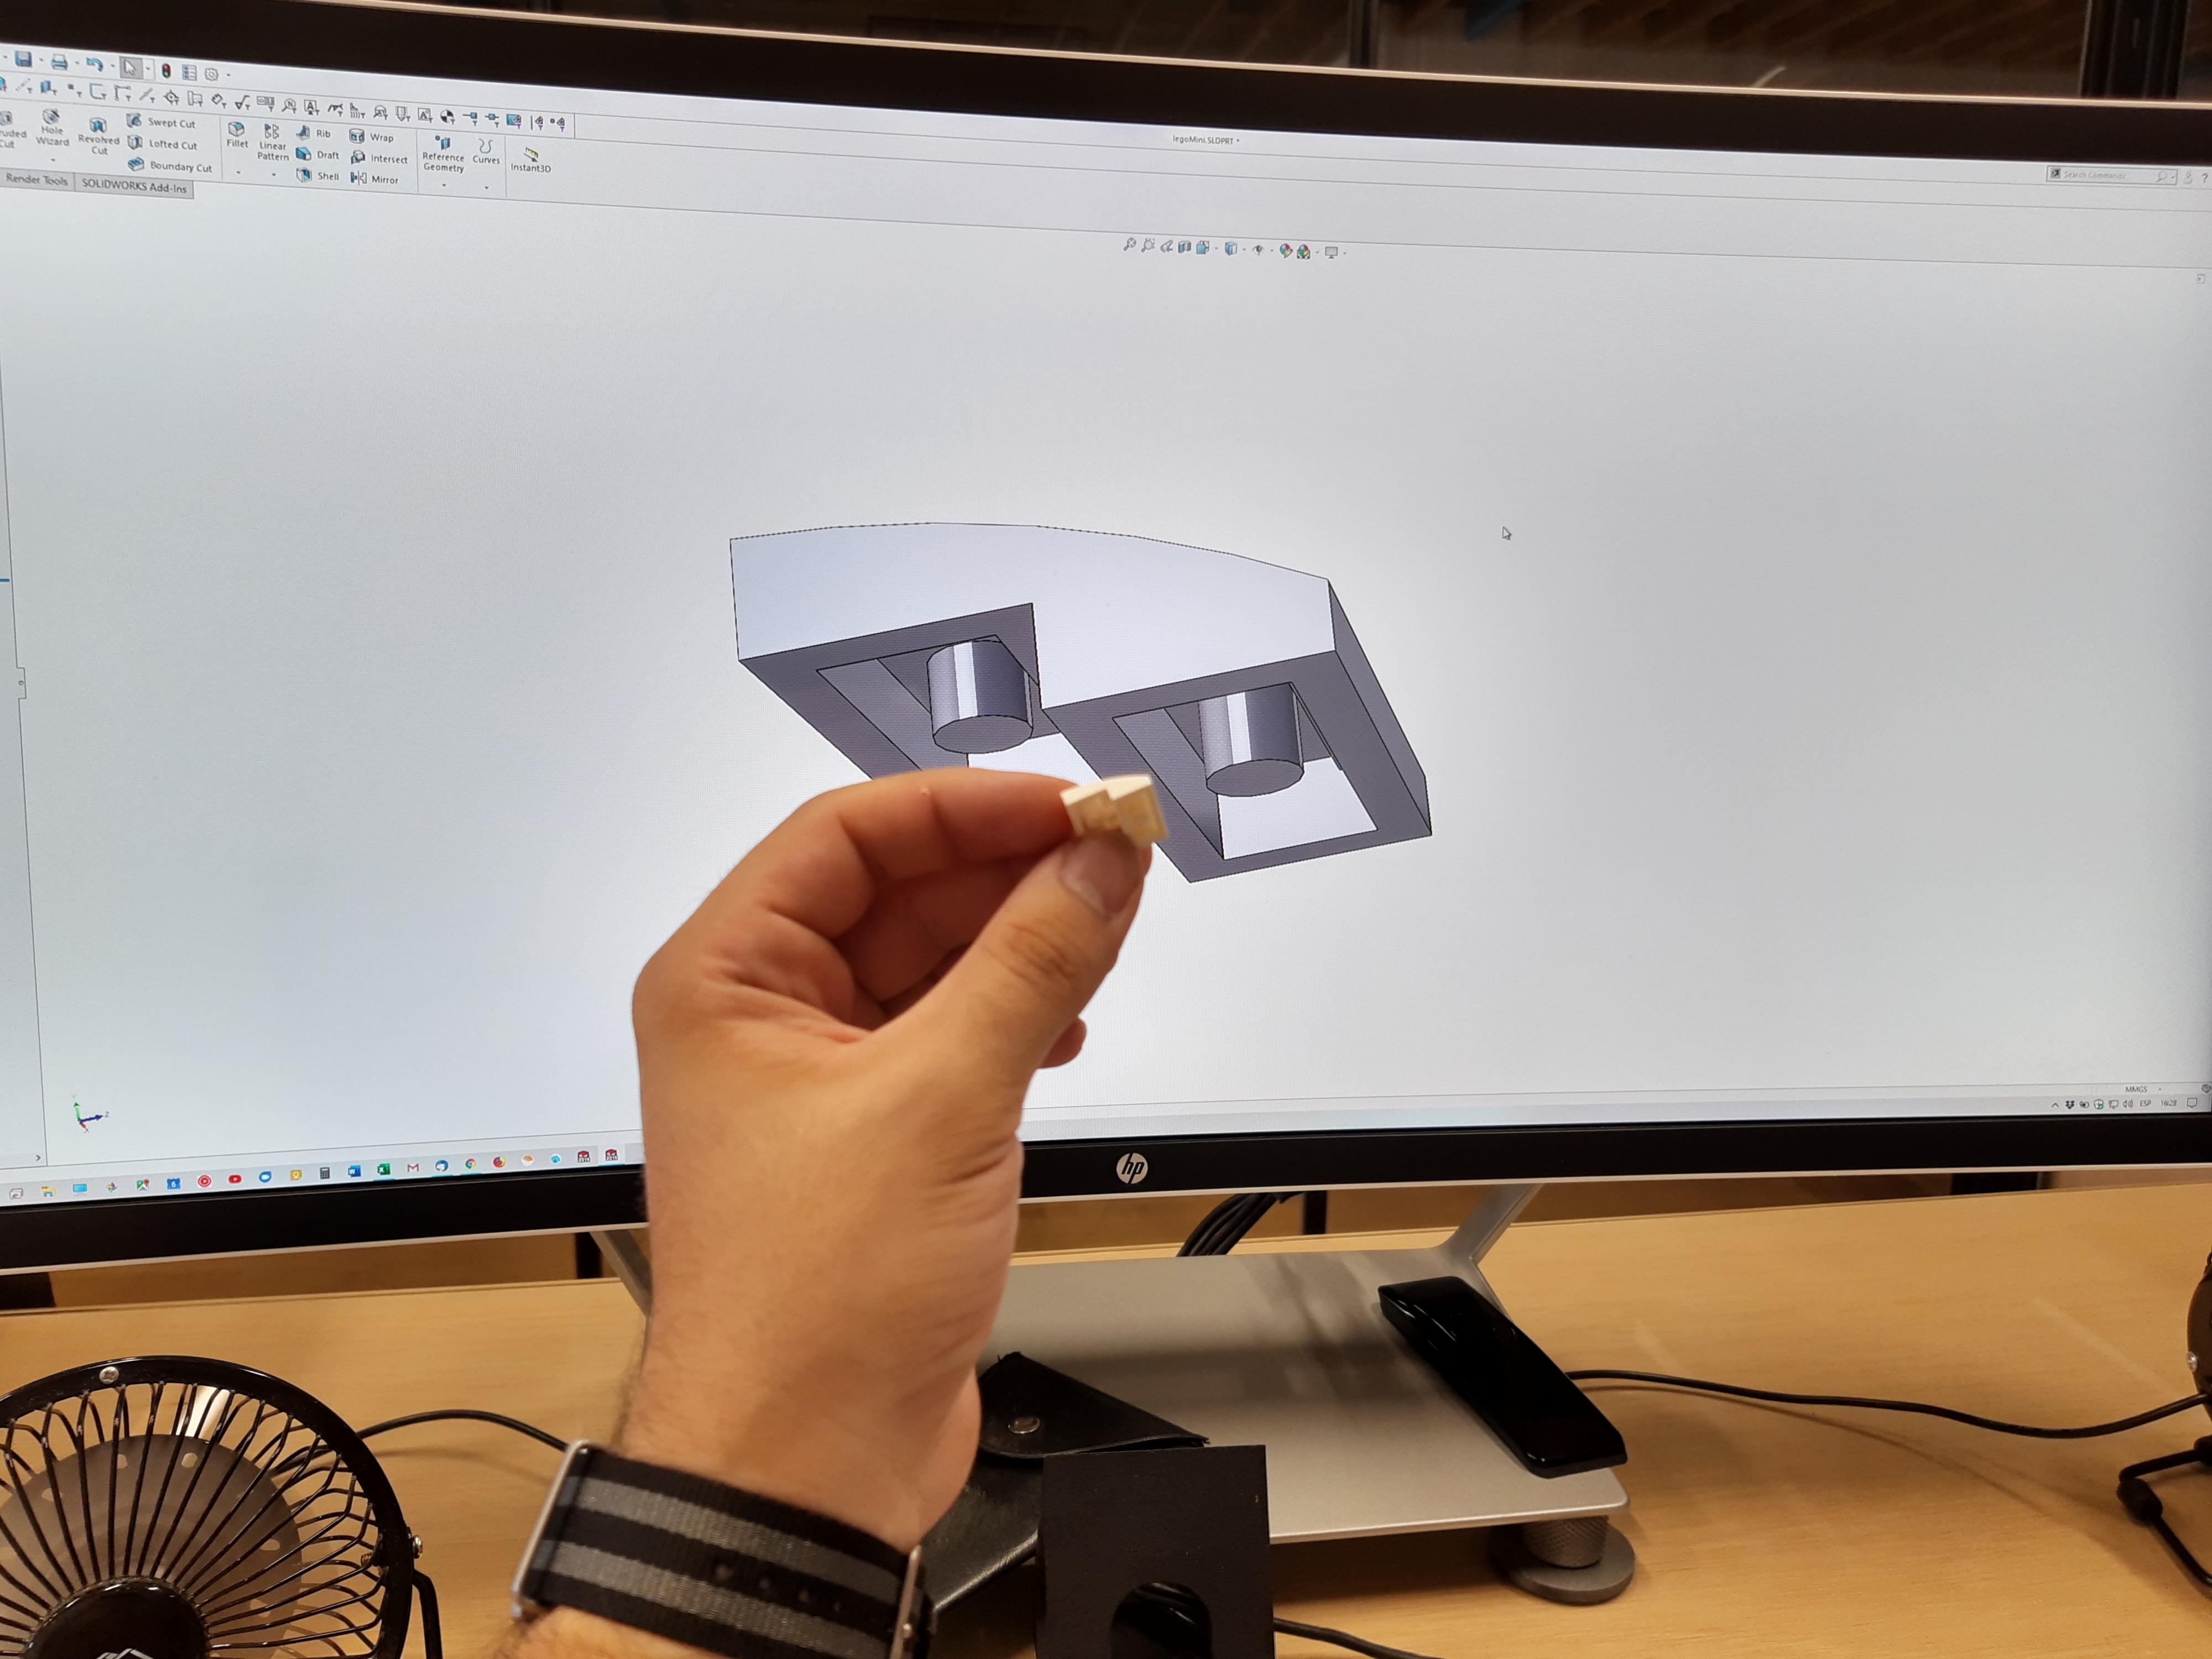 diseño de pieza3D con Solidworks